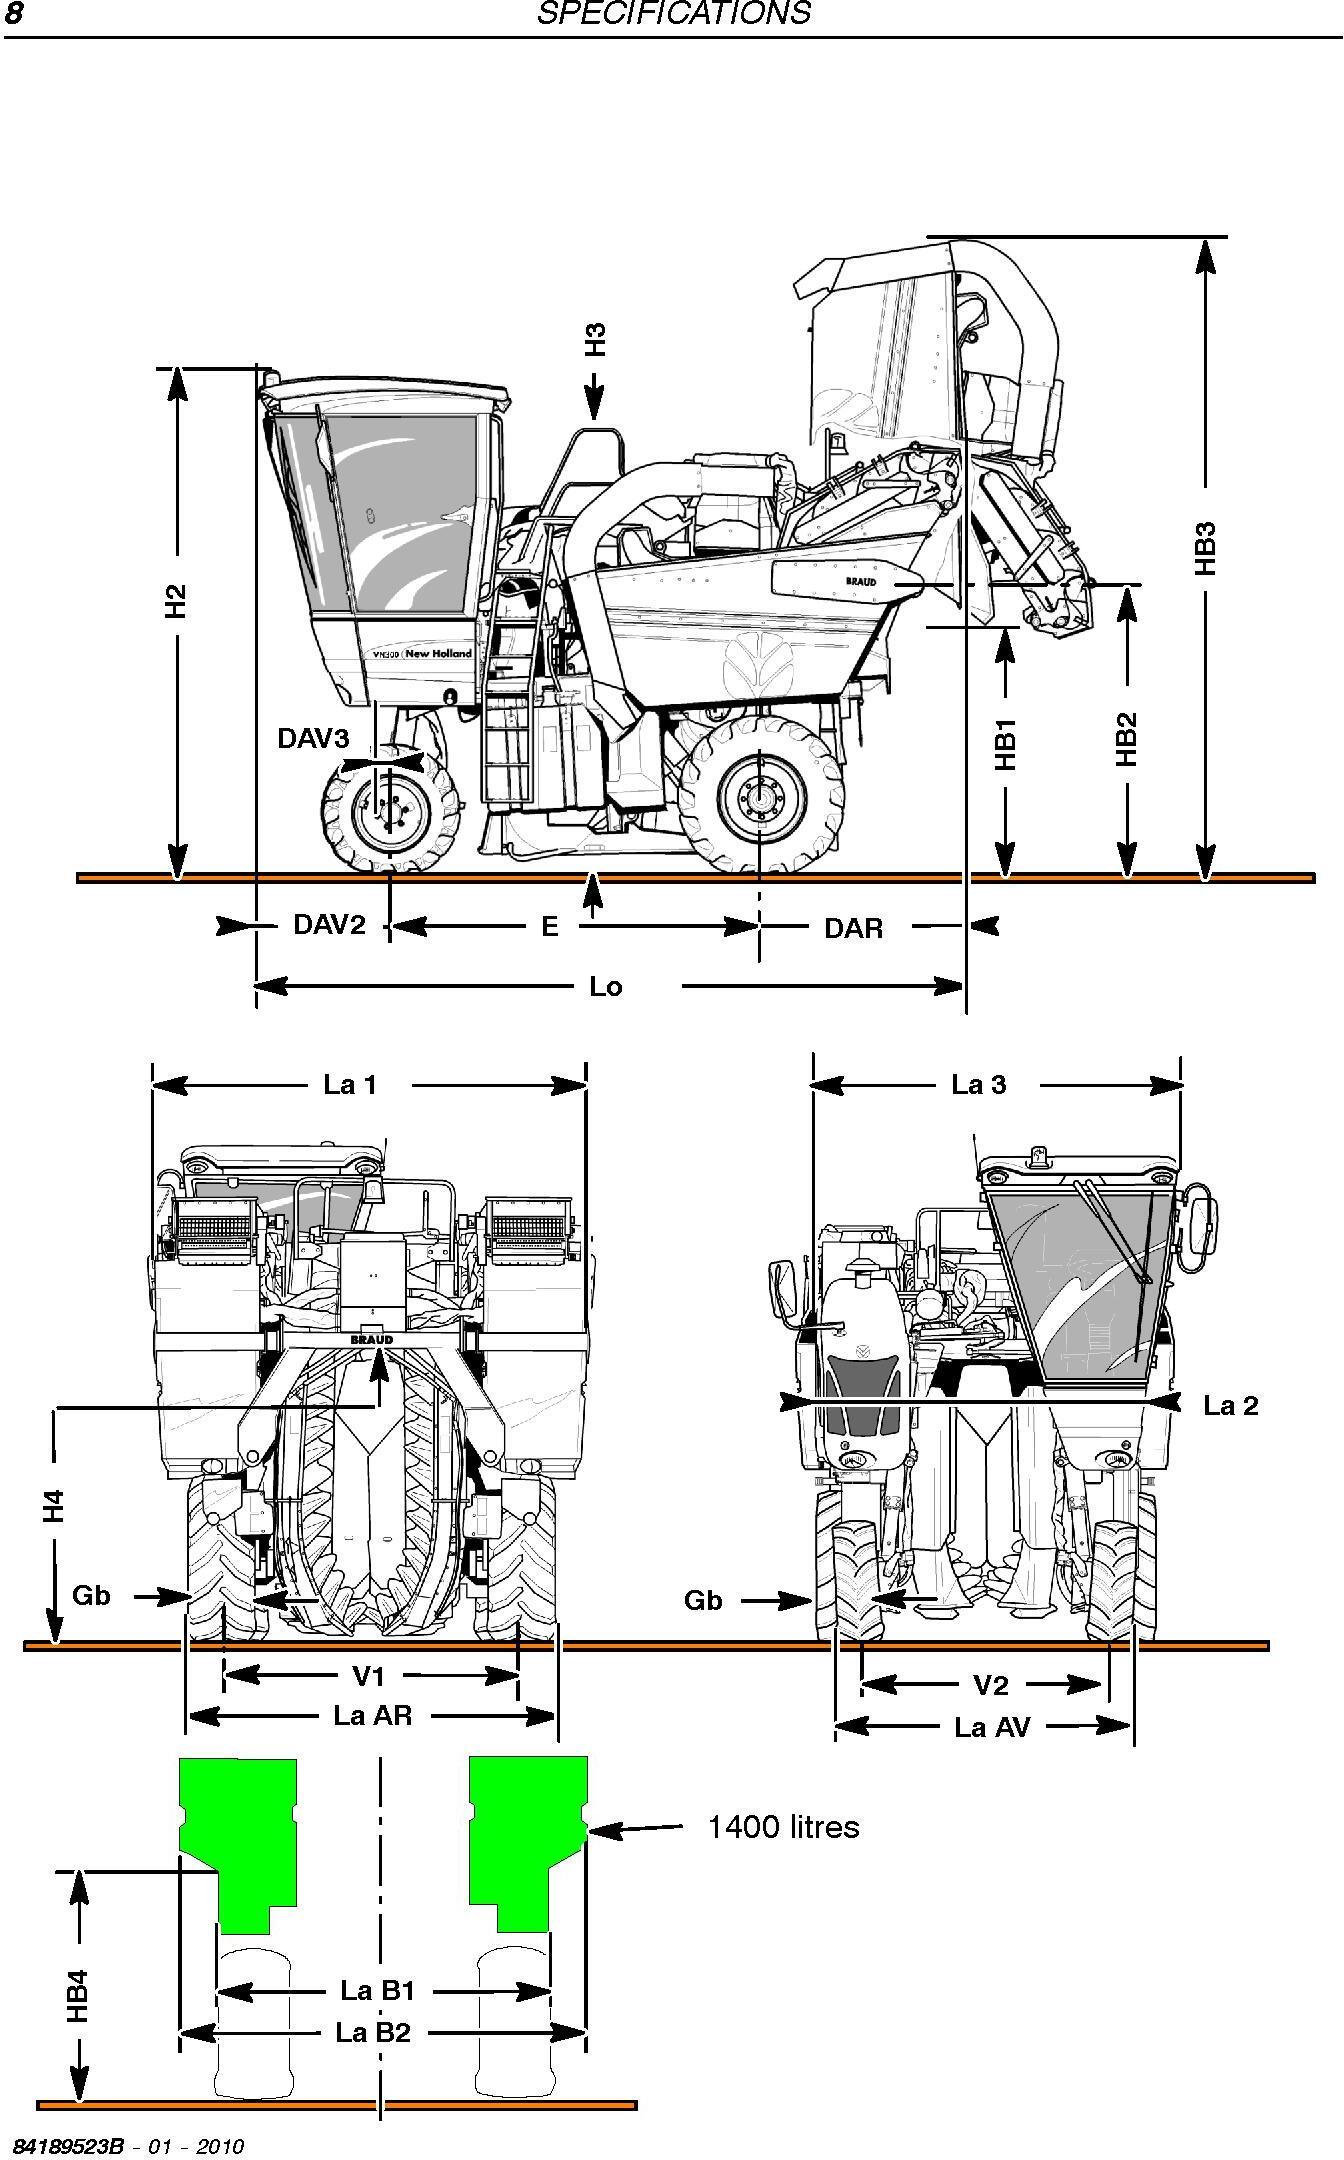 New Holland VL5060/80/90,VL6040/50/60/70/80/90,VM3080/90,VM4090,VN2090 Grape Harvester Service Manual - 1